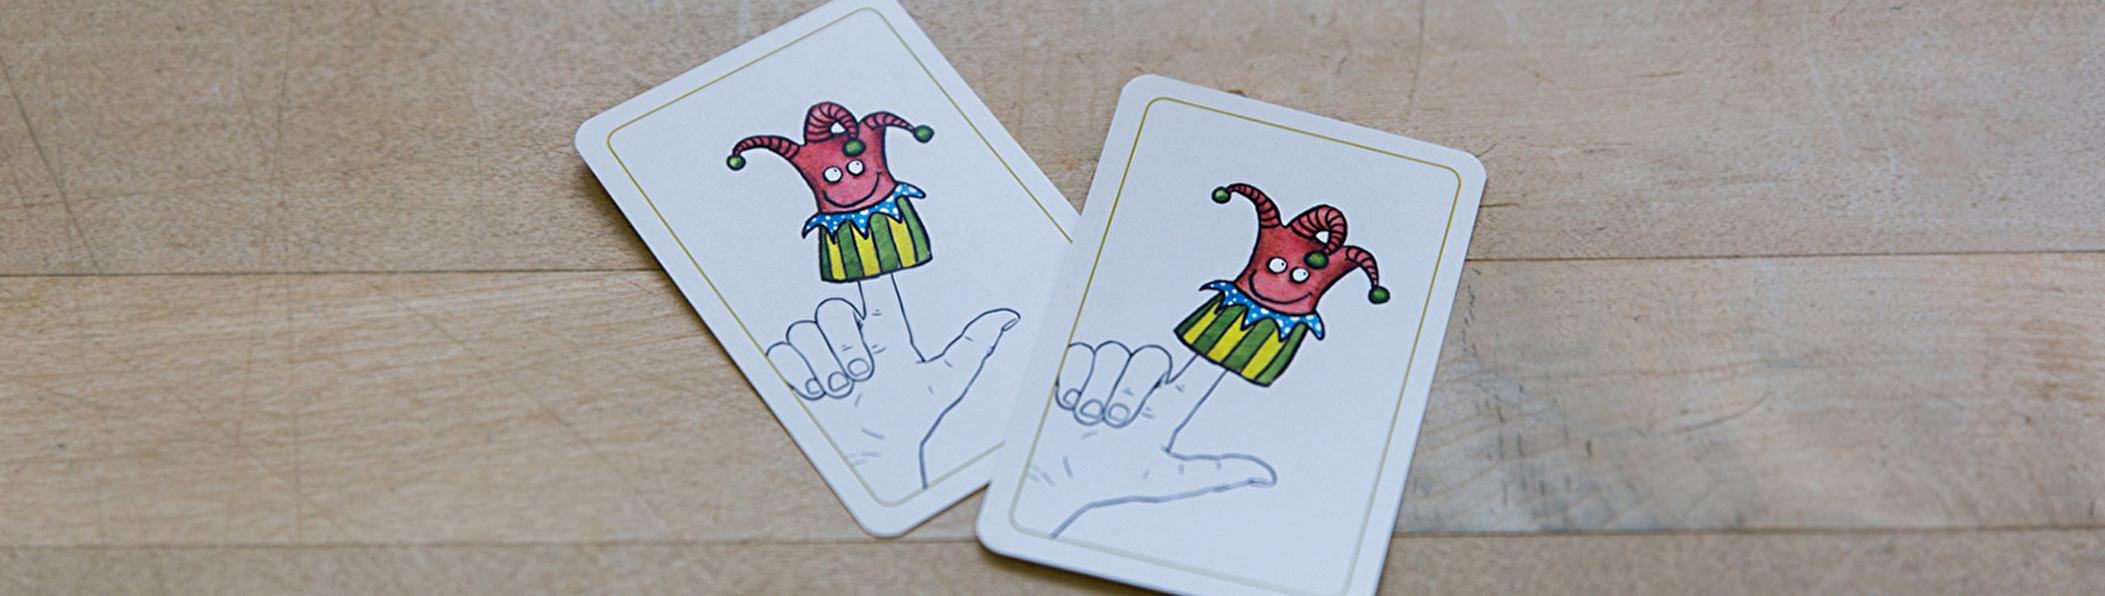 zwei Joker-Karten